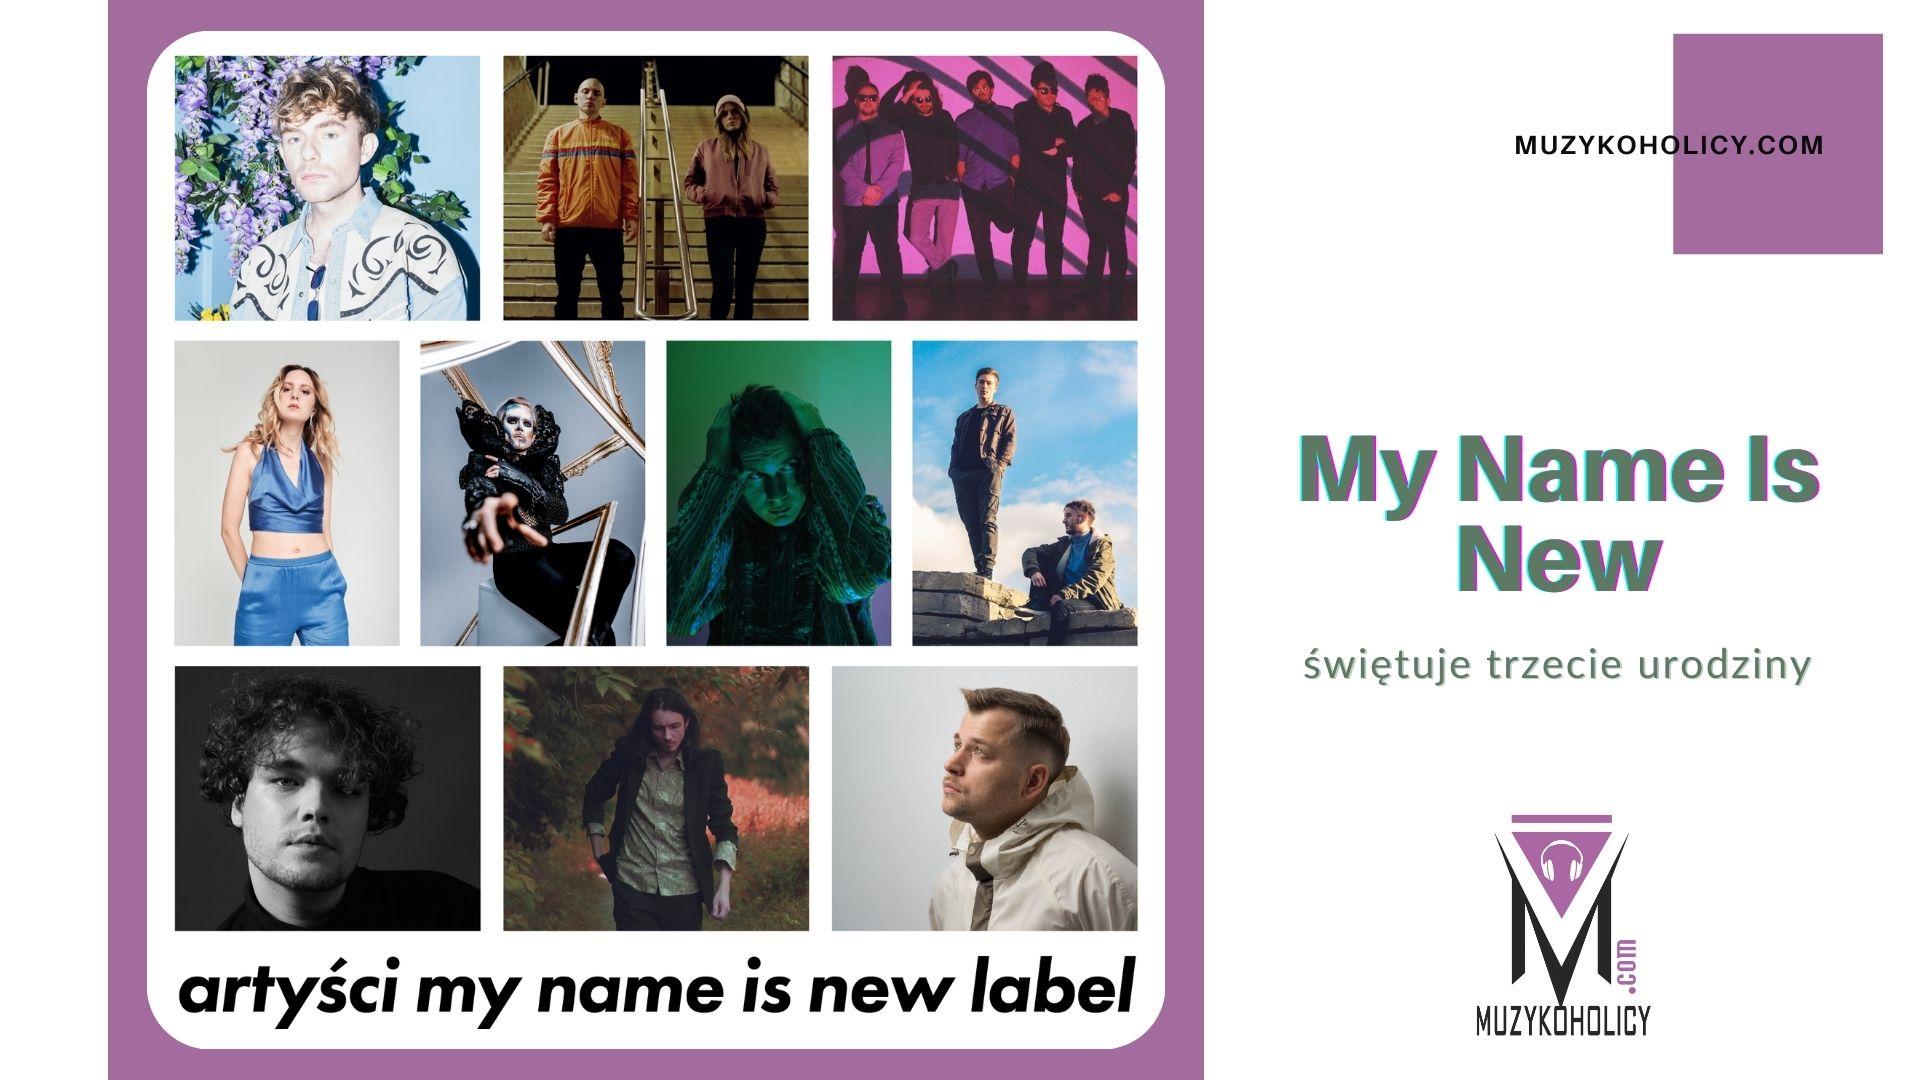 Projekt My Name Is New kończy 3 lata i ogłasza plany na najbliższą przyszłość